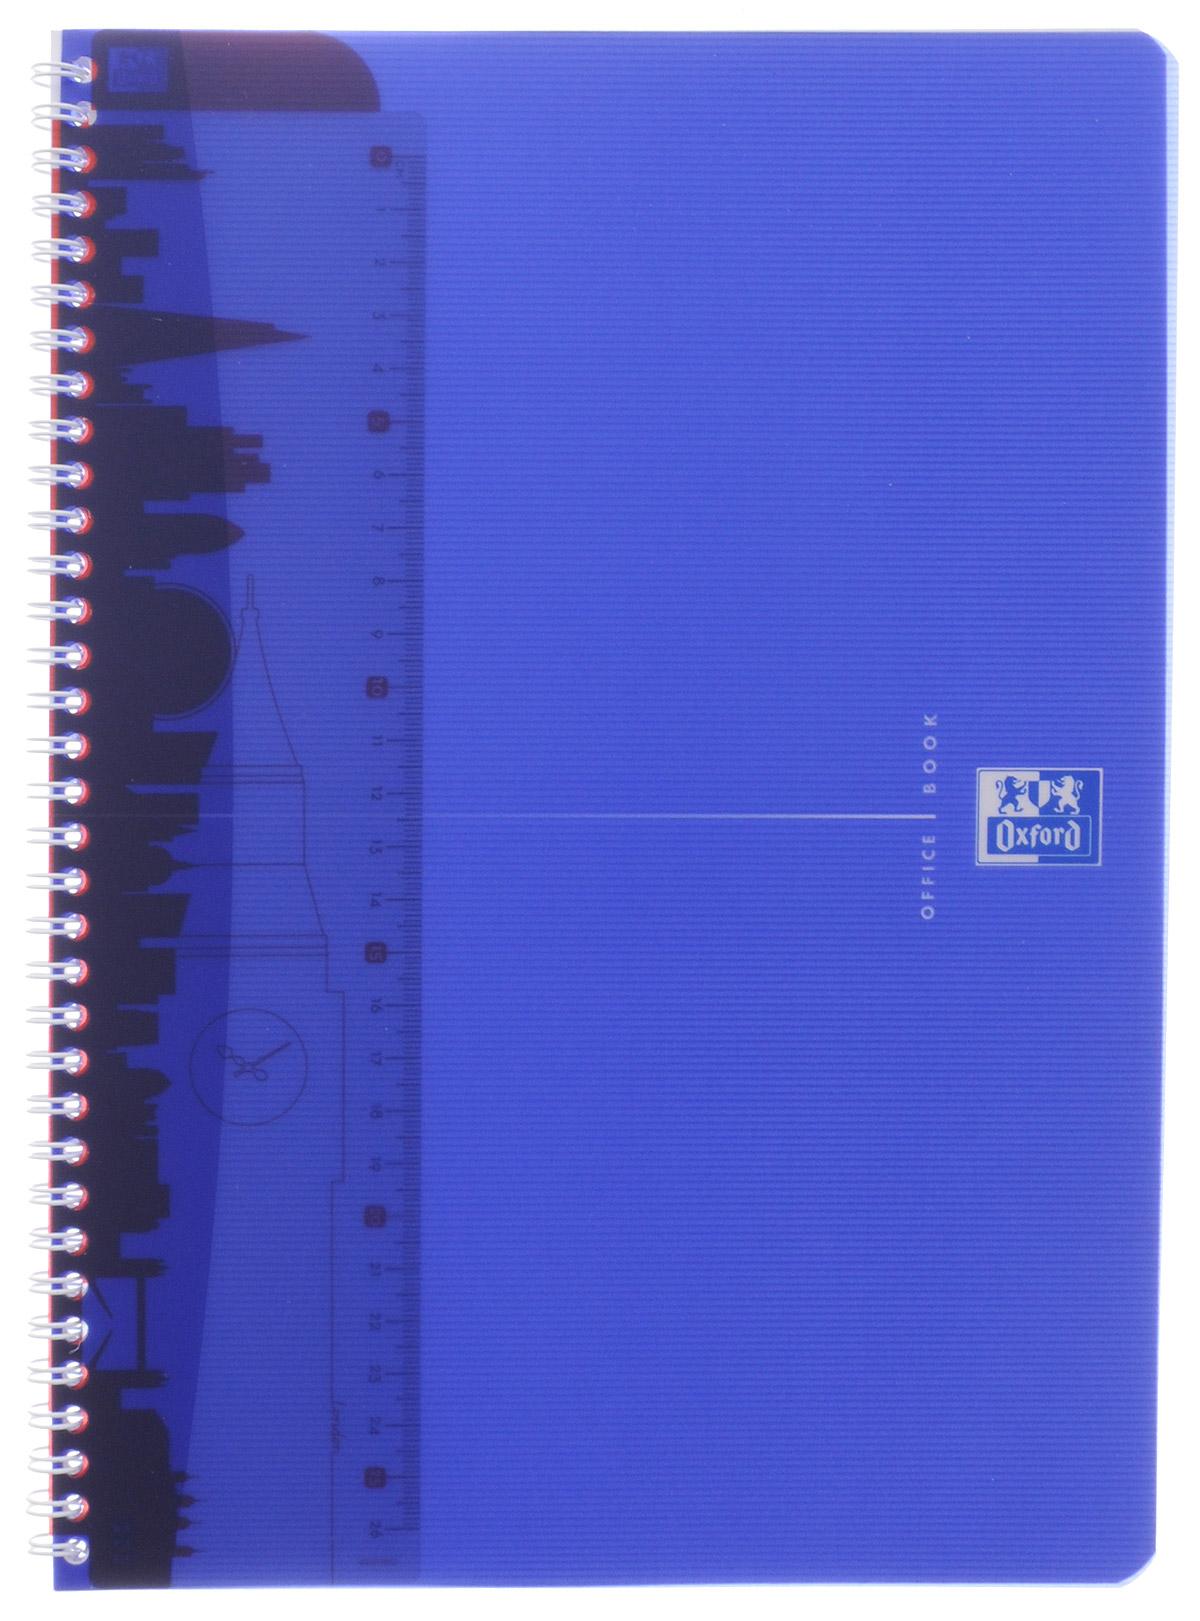 Oxford Тетрадь My Colours 50 листов в клетку цвет синий817832_синийТетрадь Oxford My Colours формата А4 на металлическом гребне в полупрозрачной, гибкой, водонепроницаемой обложке из синего полипропилена подойдет школьнику и студенту для различных записей.Внутренний блок тетради состоит из 50 листов белой бумаги в клетку без полей. Высококачественная бумага имеет шелковистую поверхность и высокую белизну. На гребне тетради крепится разделитель, который выполняет функции закладки и линейки, он может быть перемещен в любое удобное для пользователя место.